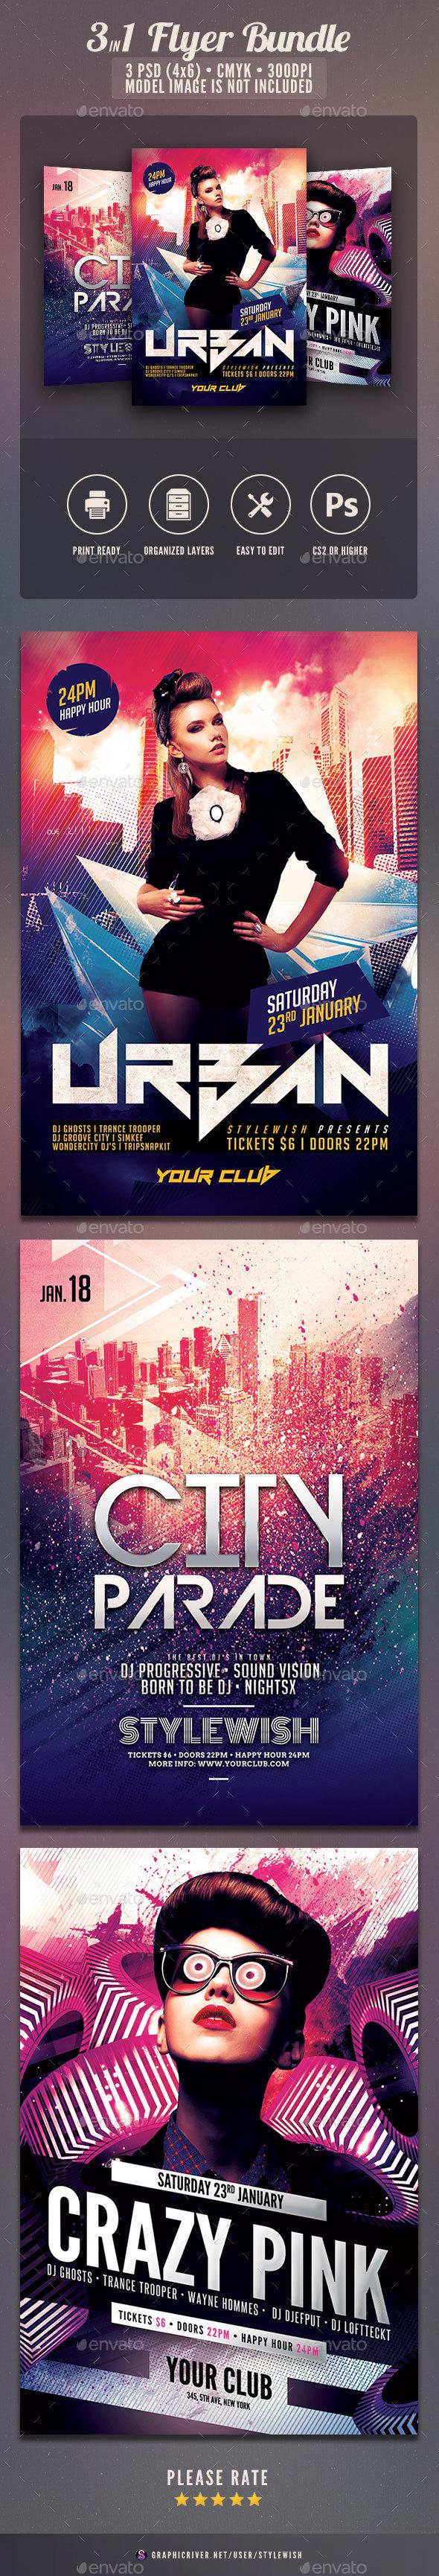 Party Flyer Bundle Vol.14 - Clubs & Parties Events